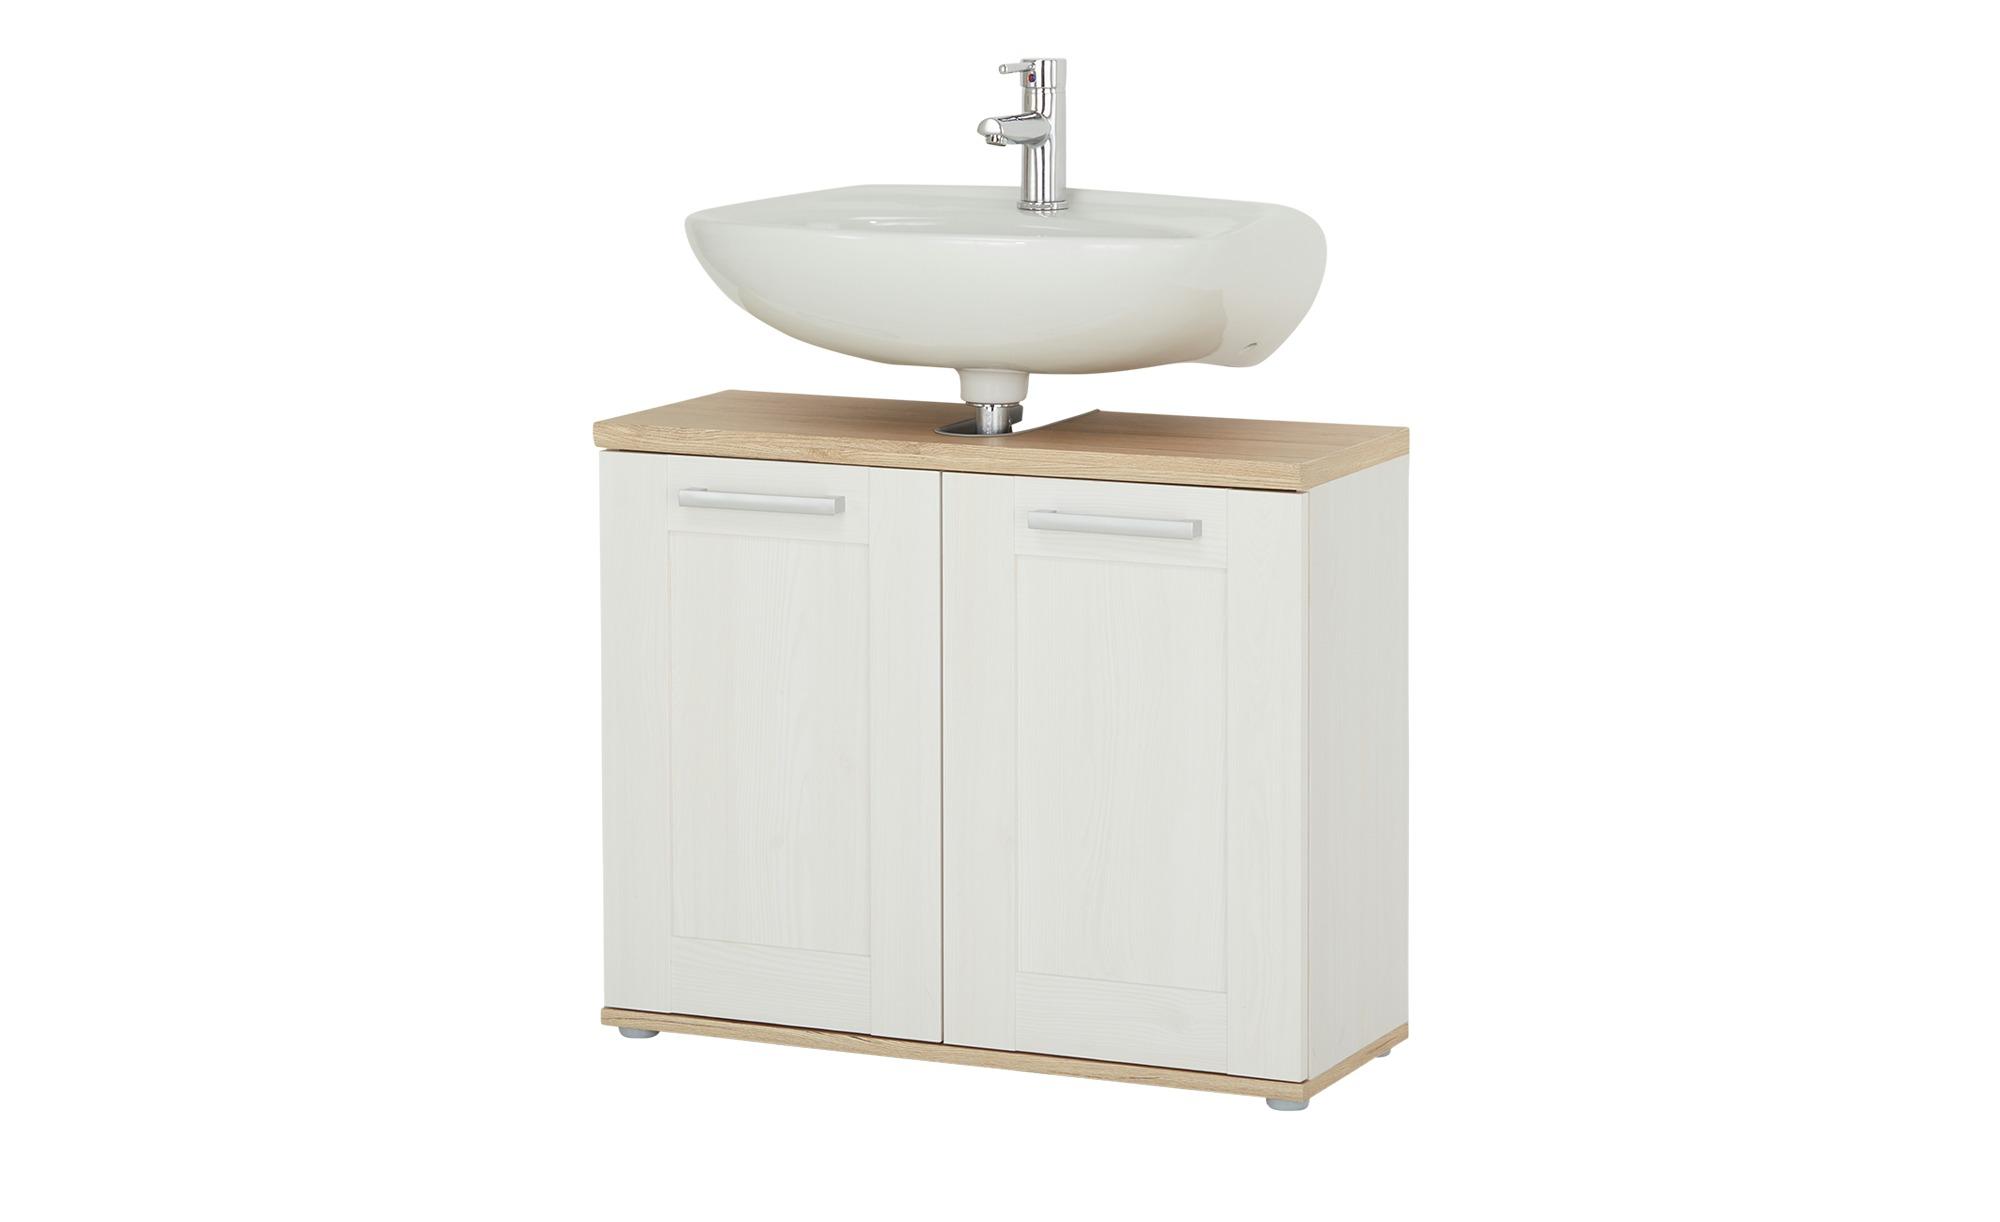 Waschbeckenunterschrank, gefunden bei Möbel Kraft